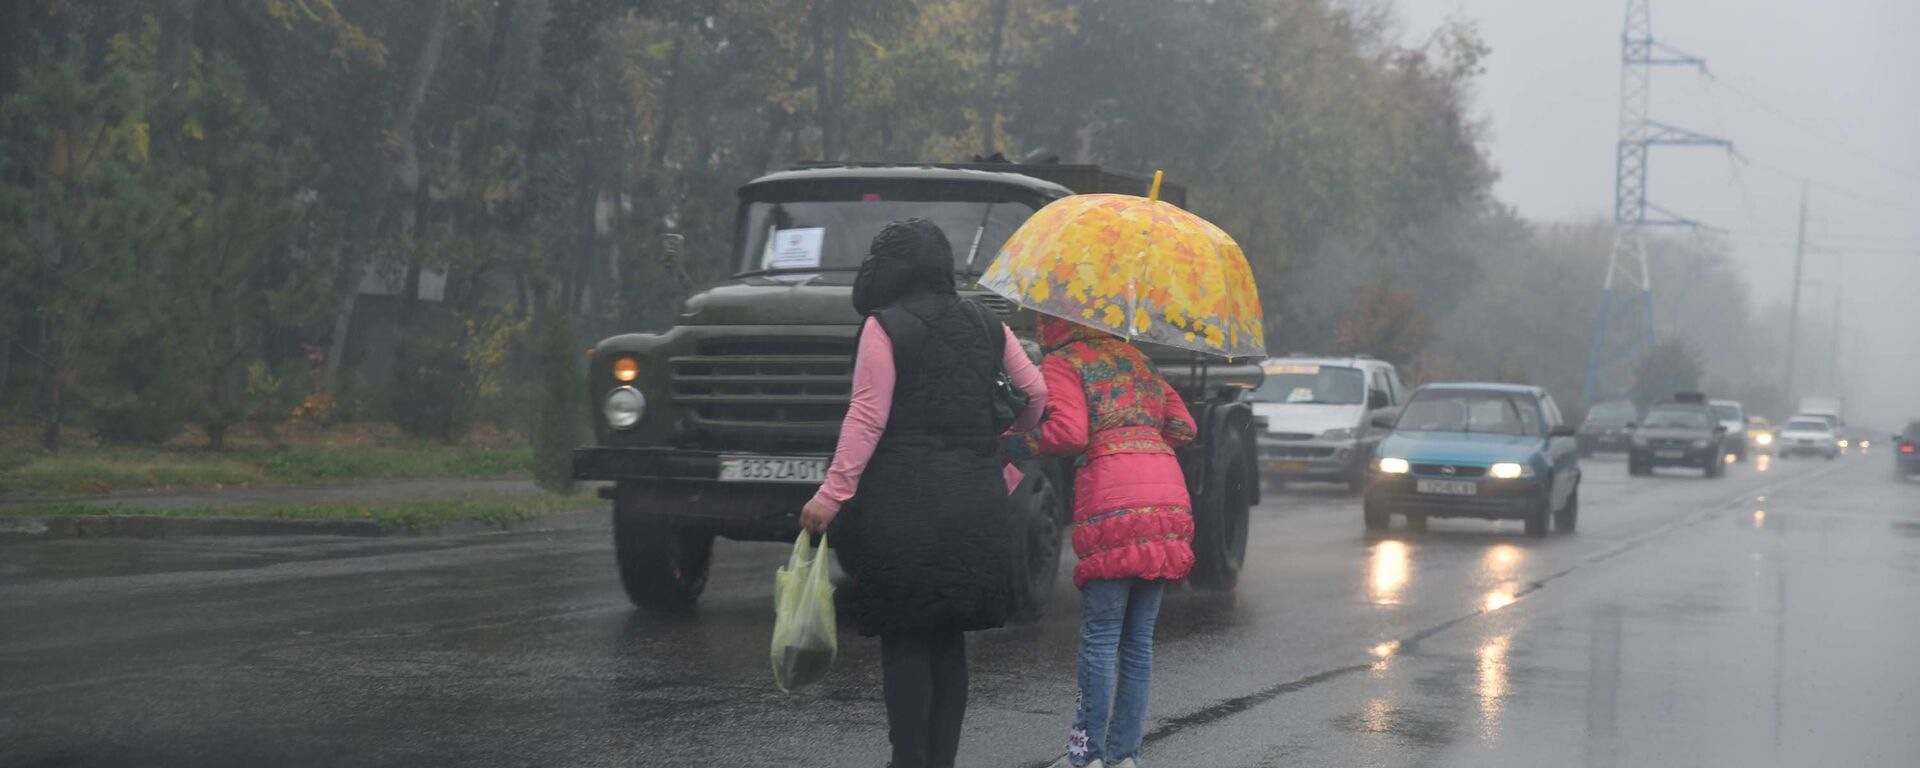 Дождливый день, архивное фото - Sputnik Таджикистан, 1920, 17.06.2021